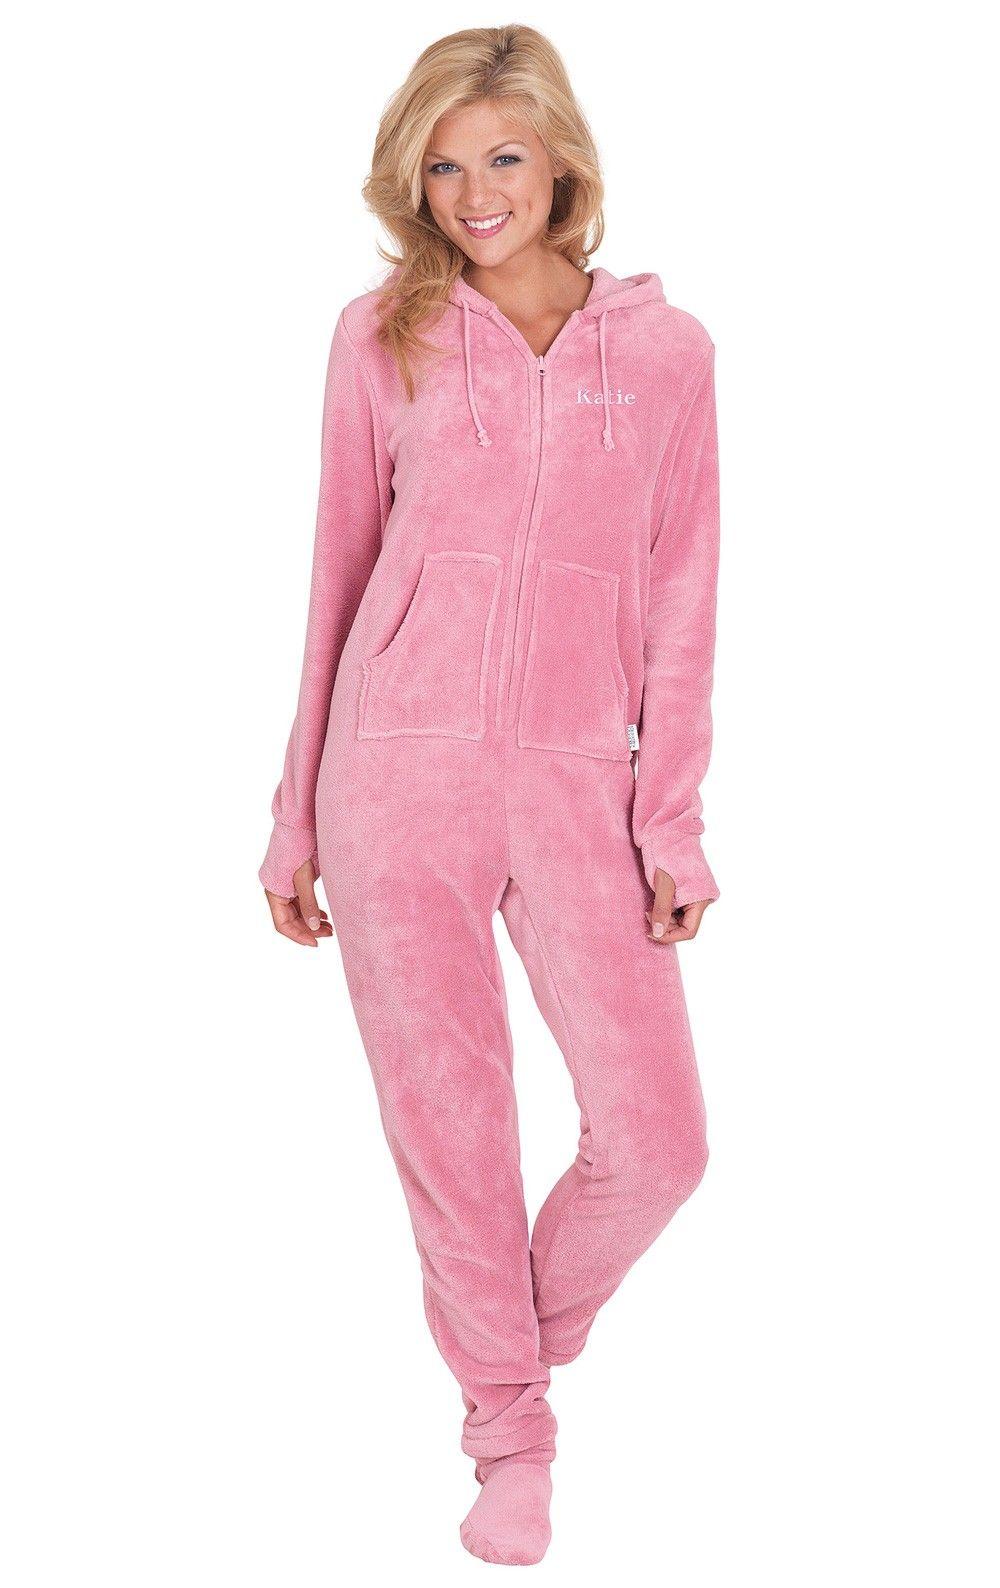 d543cc0b22 Hoodie-Footie™ - Pink